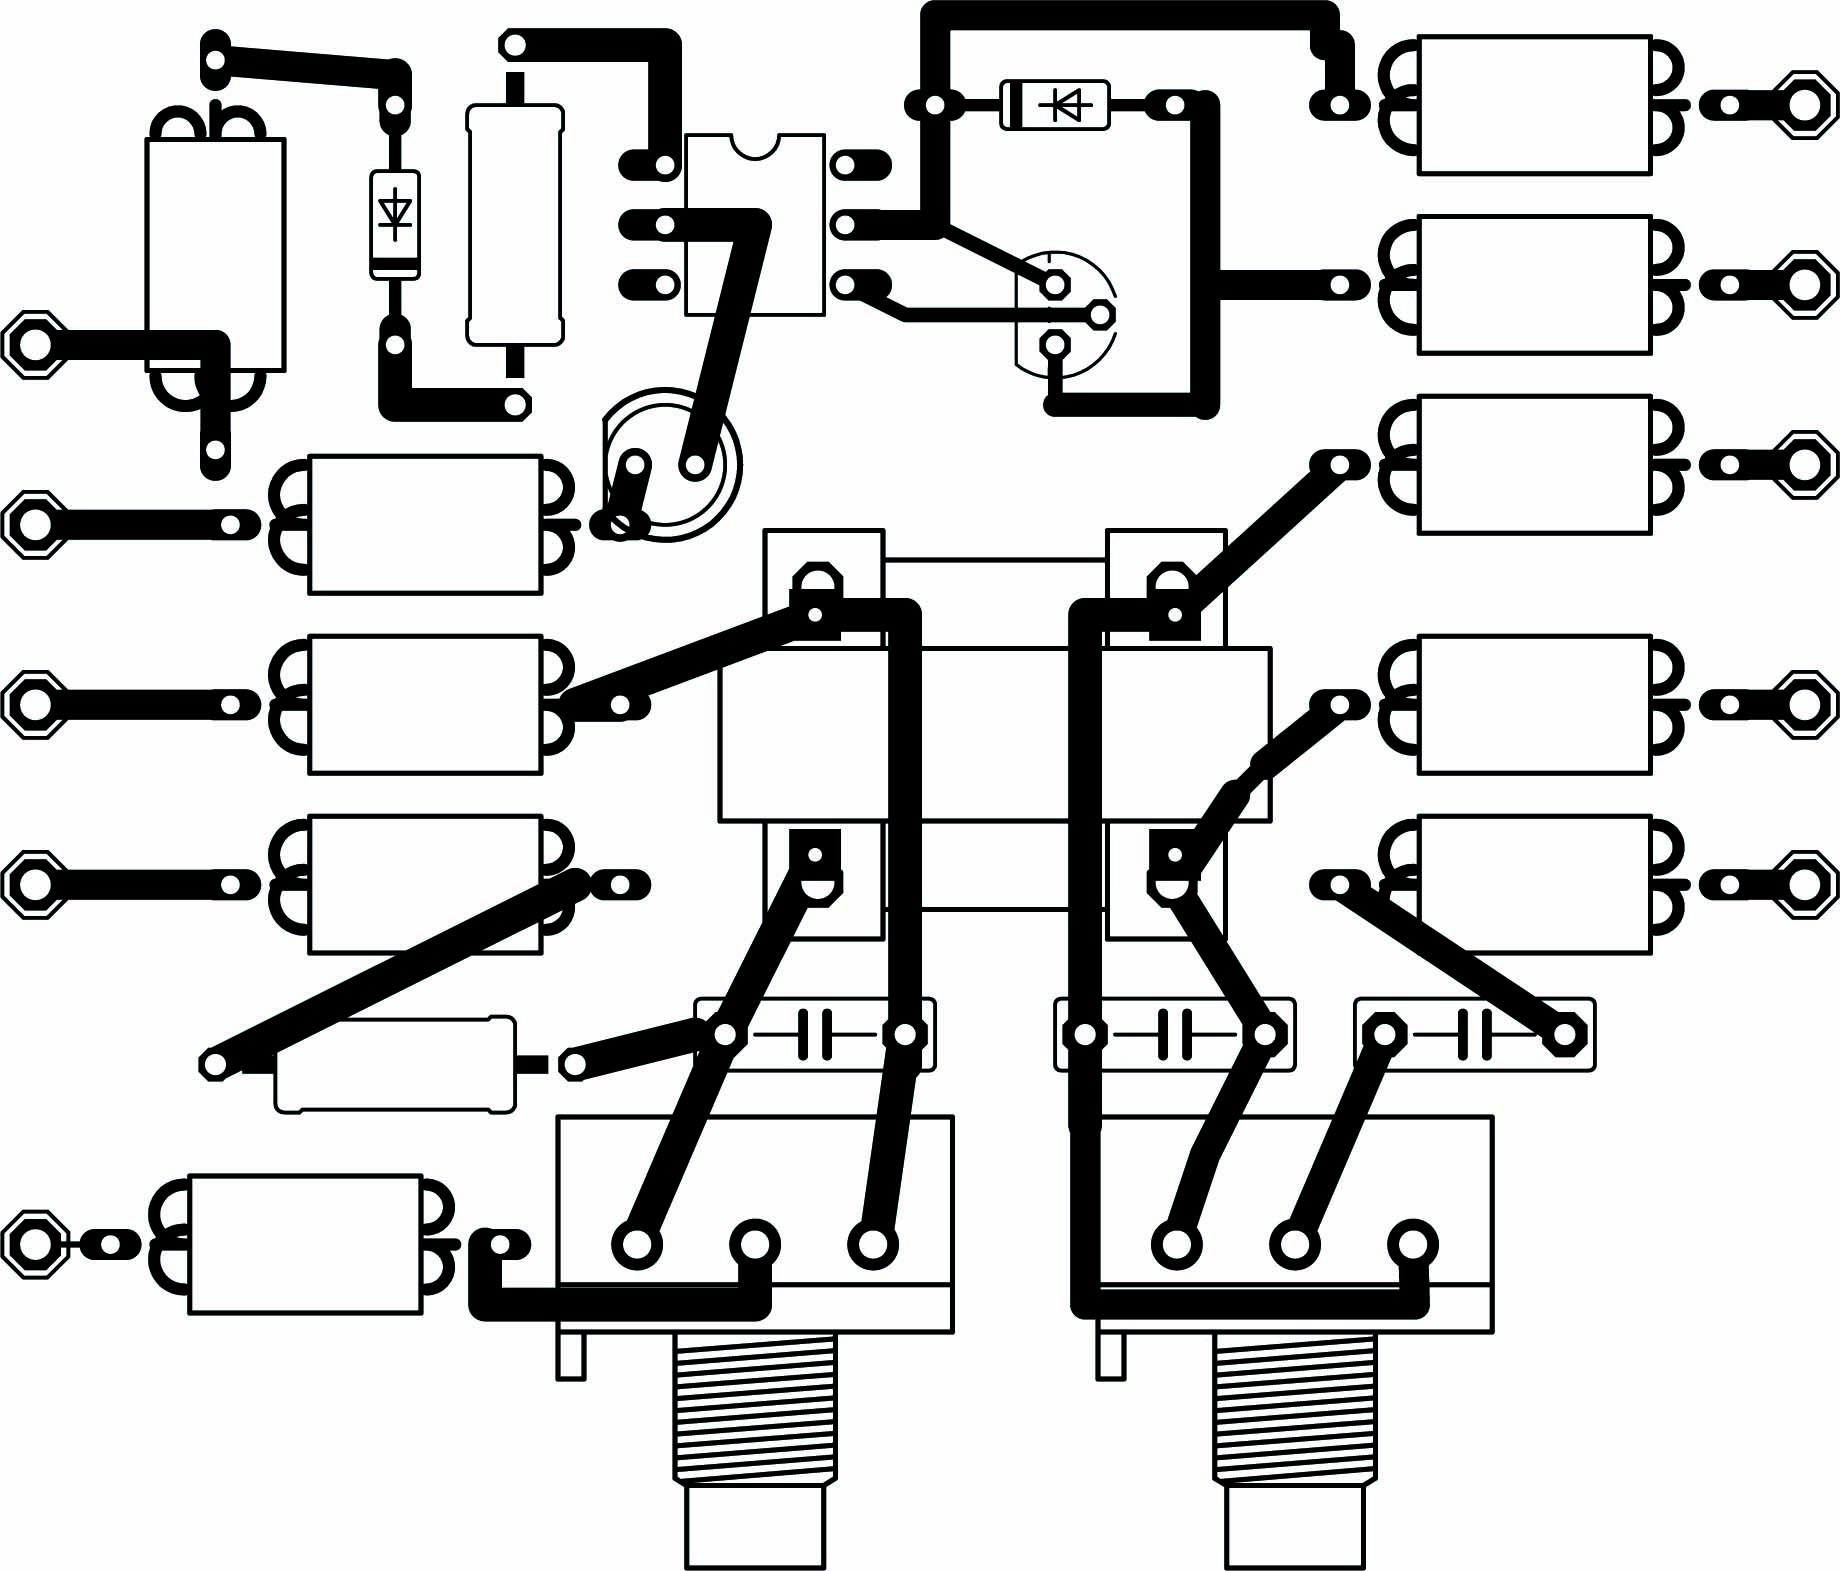 Schema Elettrico Max 250 : Euaid ovvero: ecco unaltra interfaccia per modi digitali